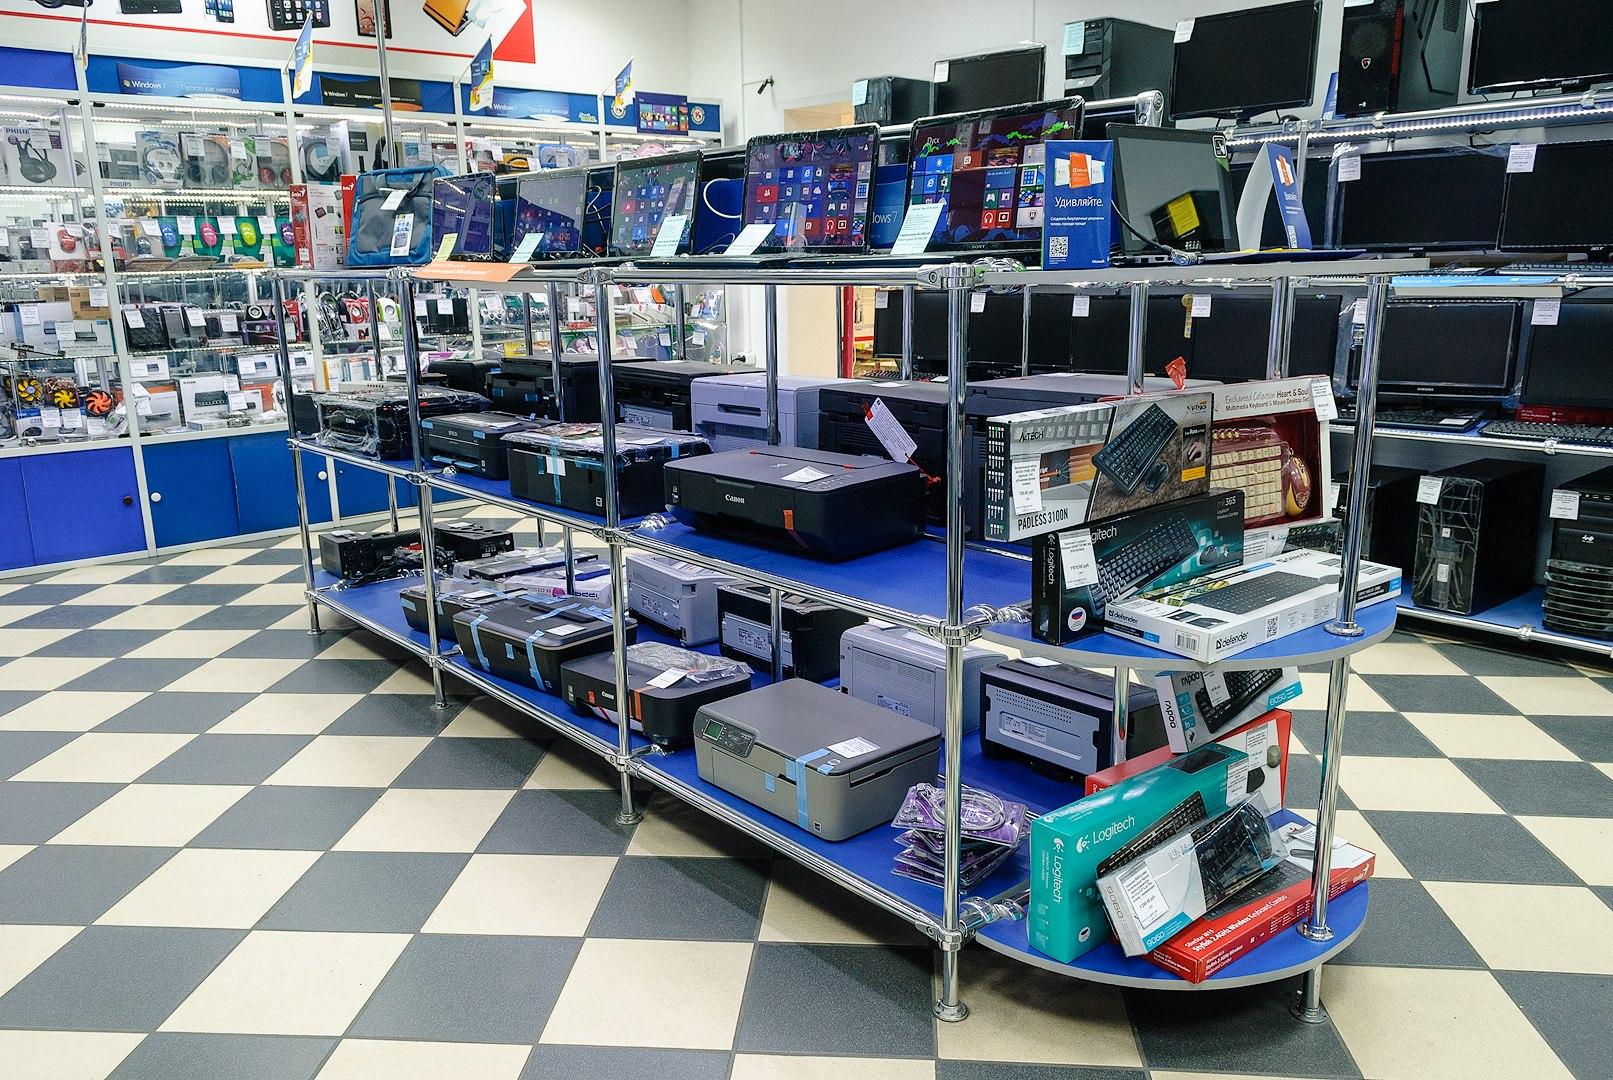 картинки для компьютерного магазина встречаются плоской округлой